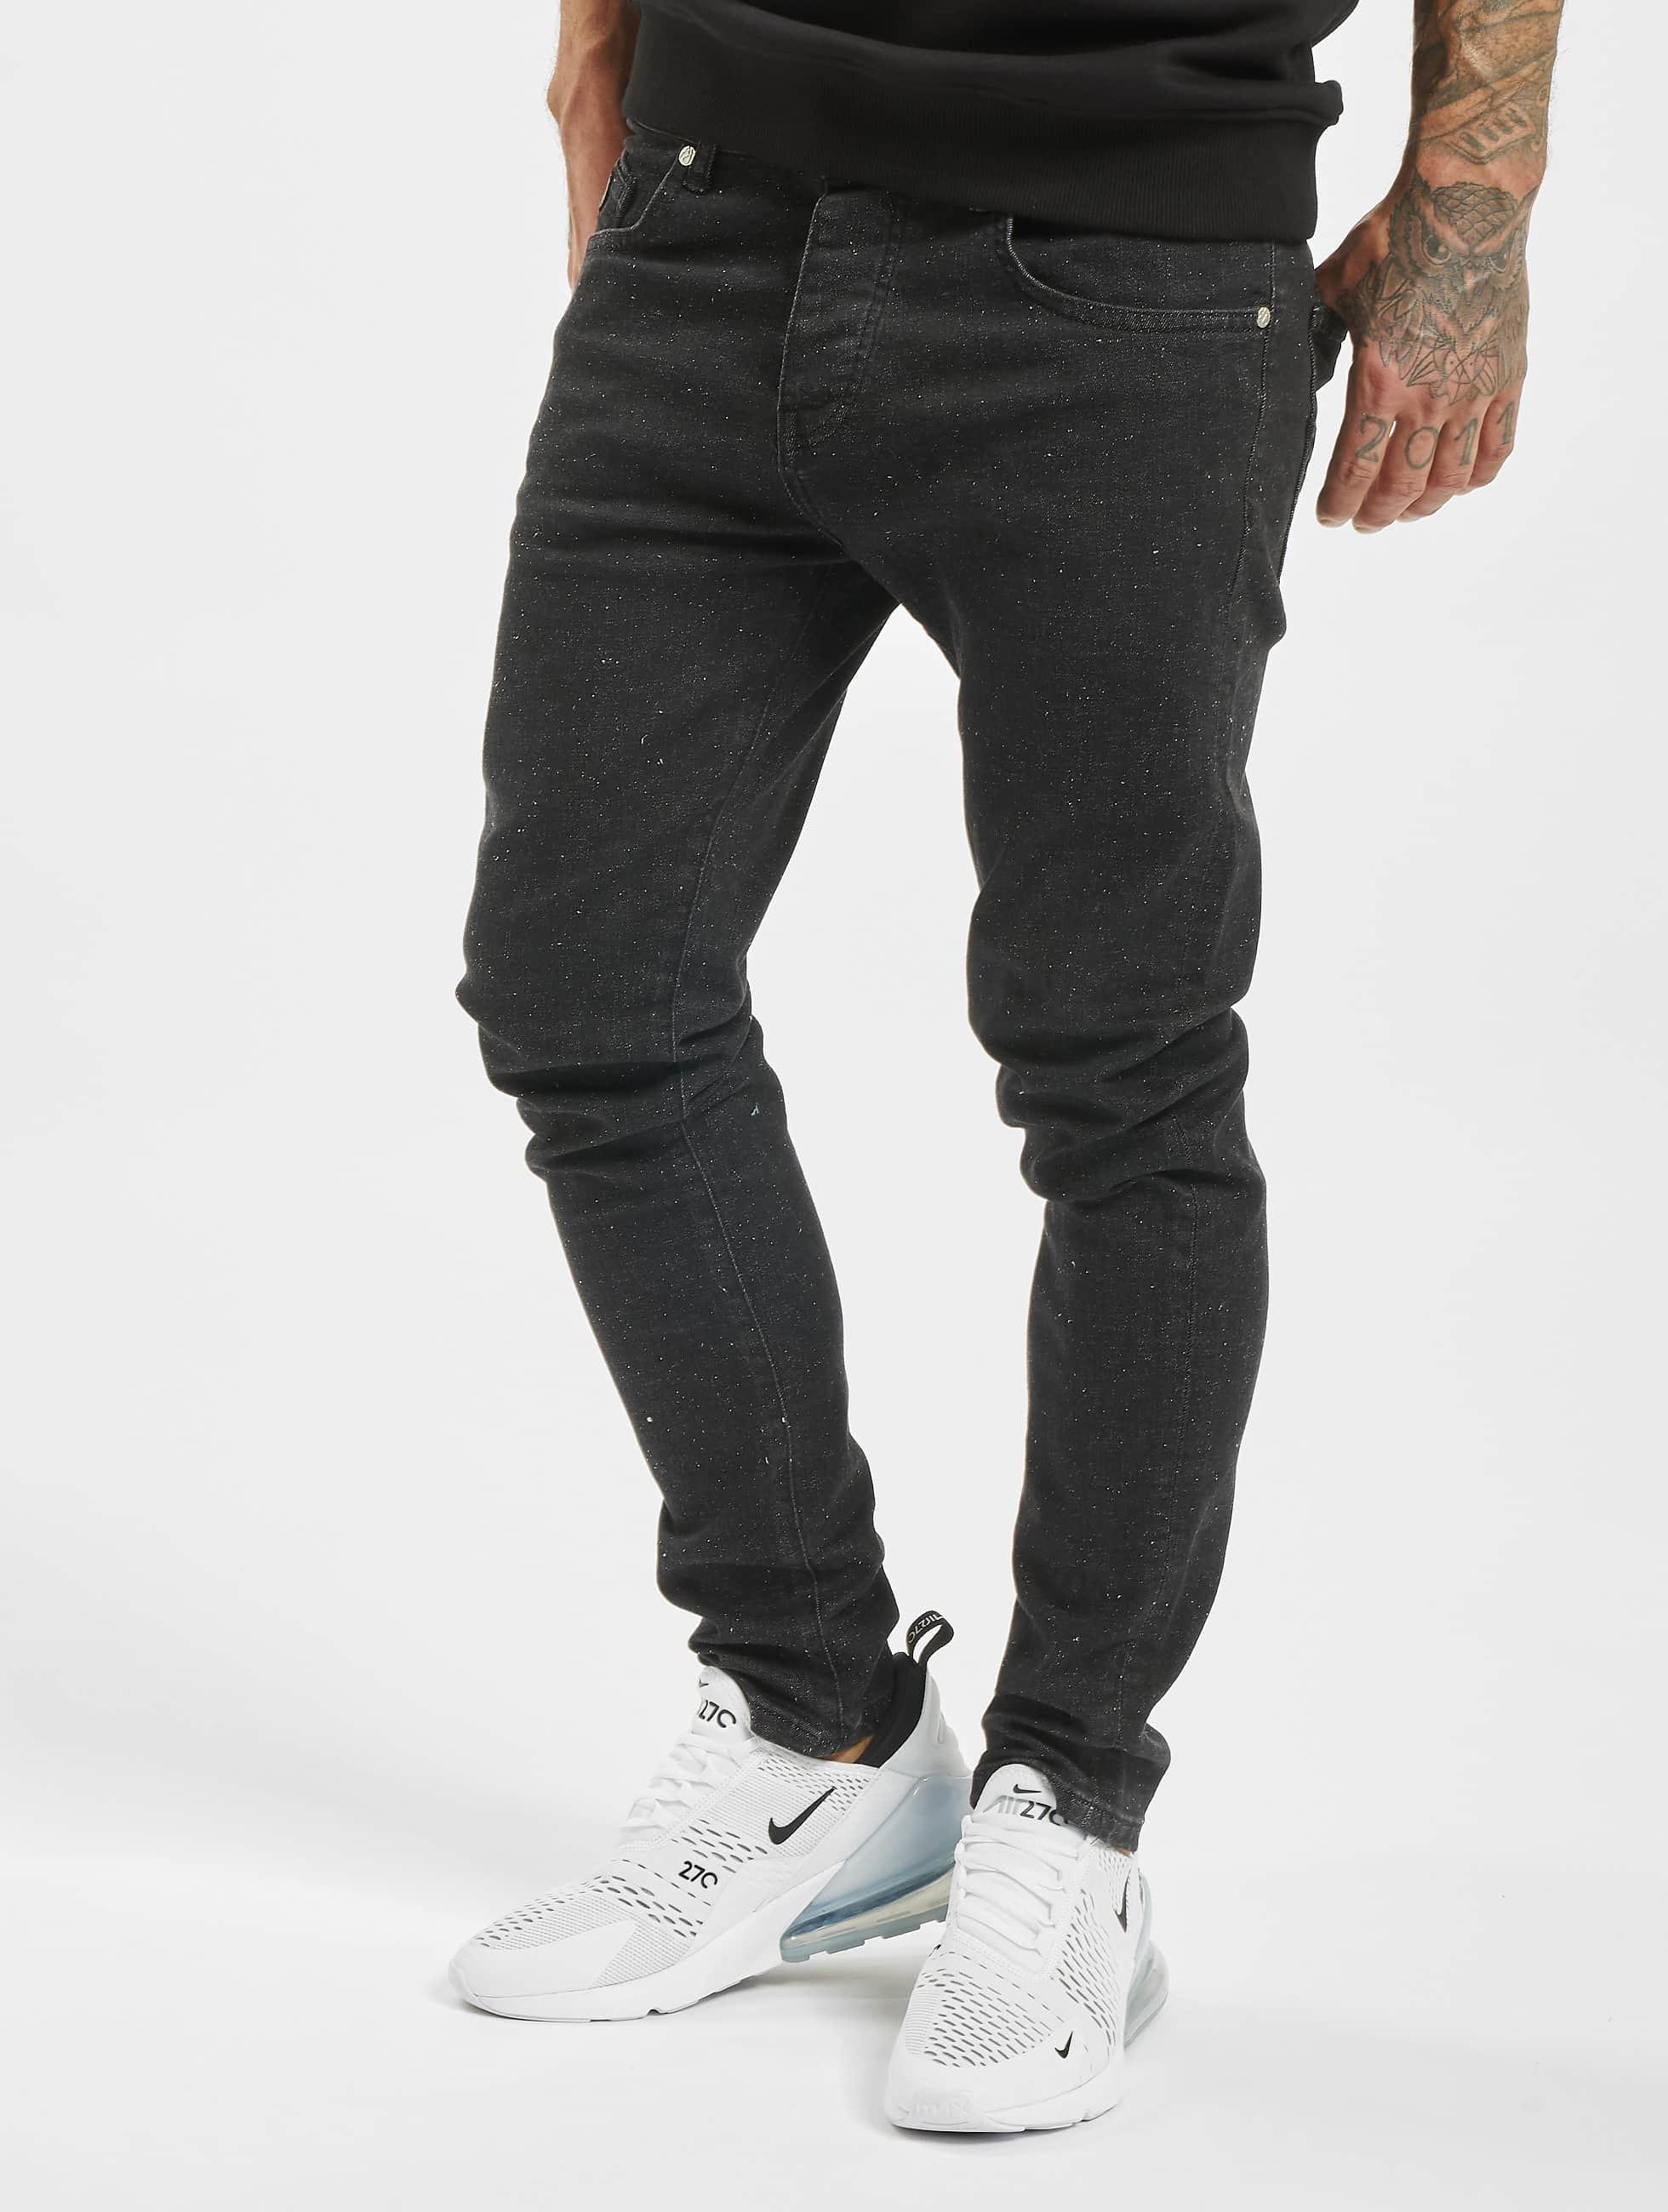 2Y Jarl Jeans Black Sale Angebote